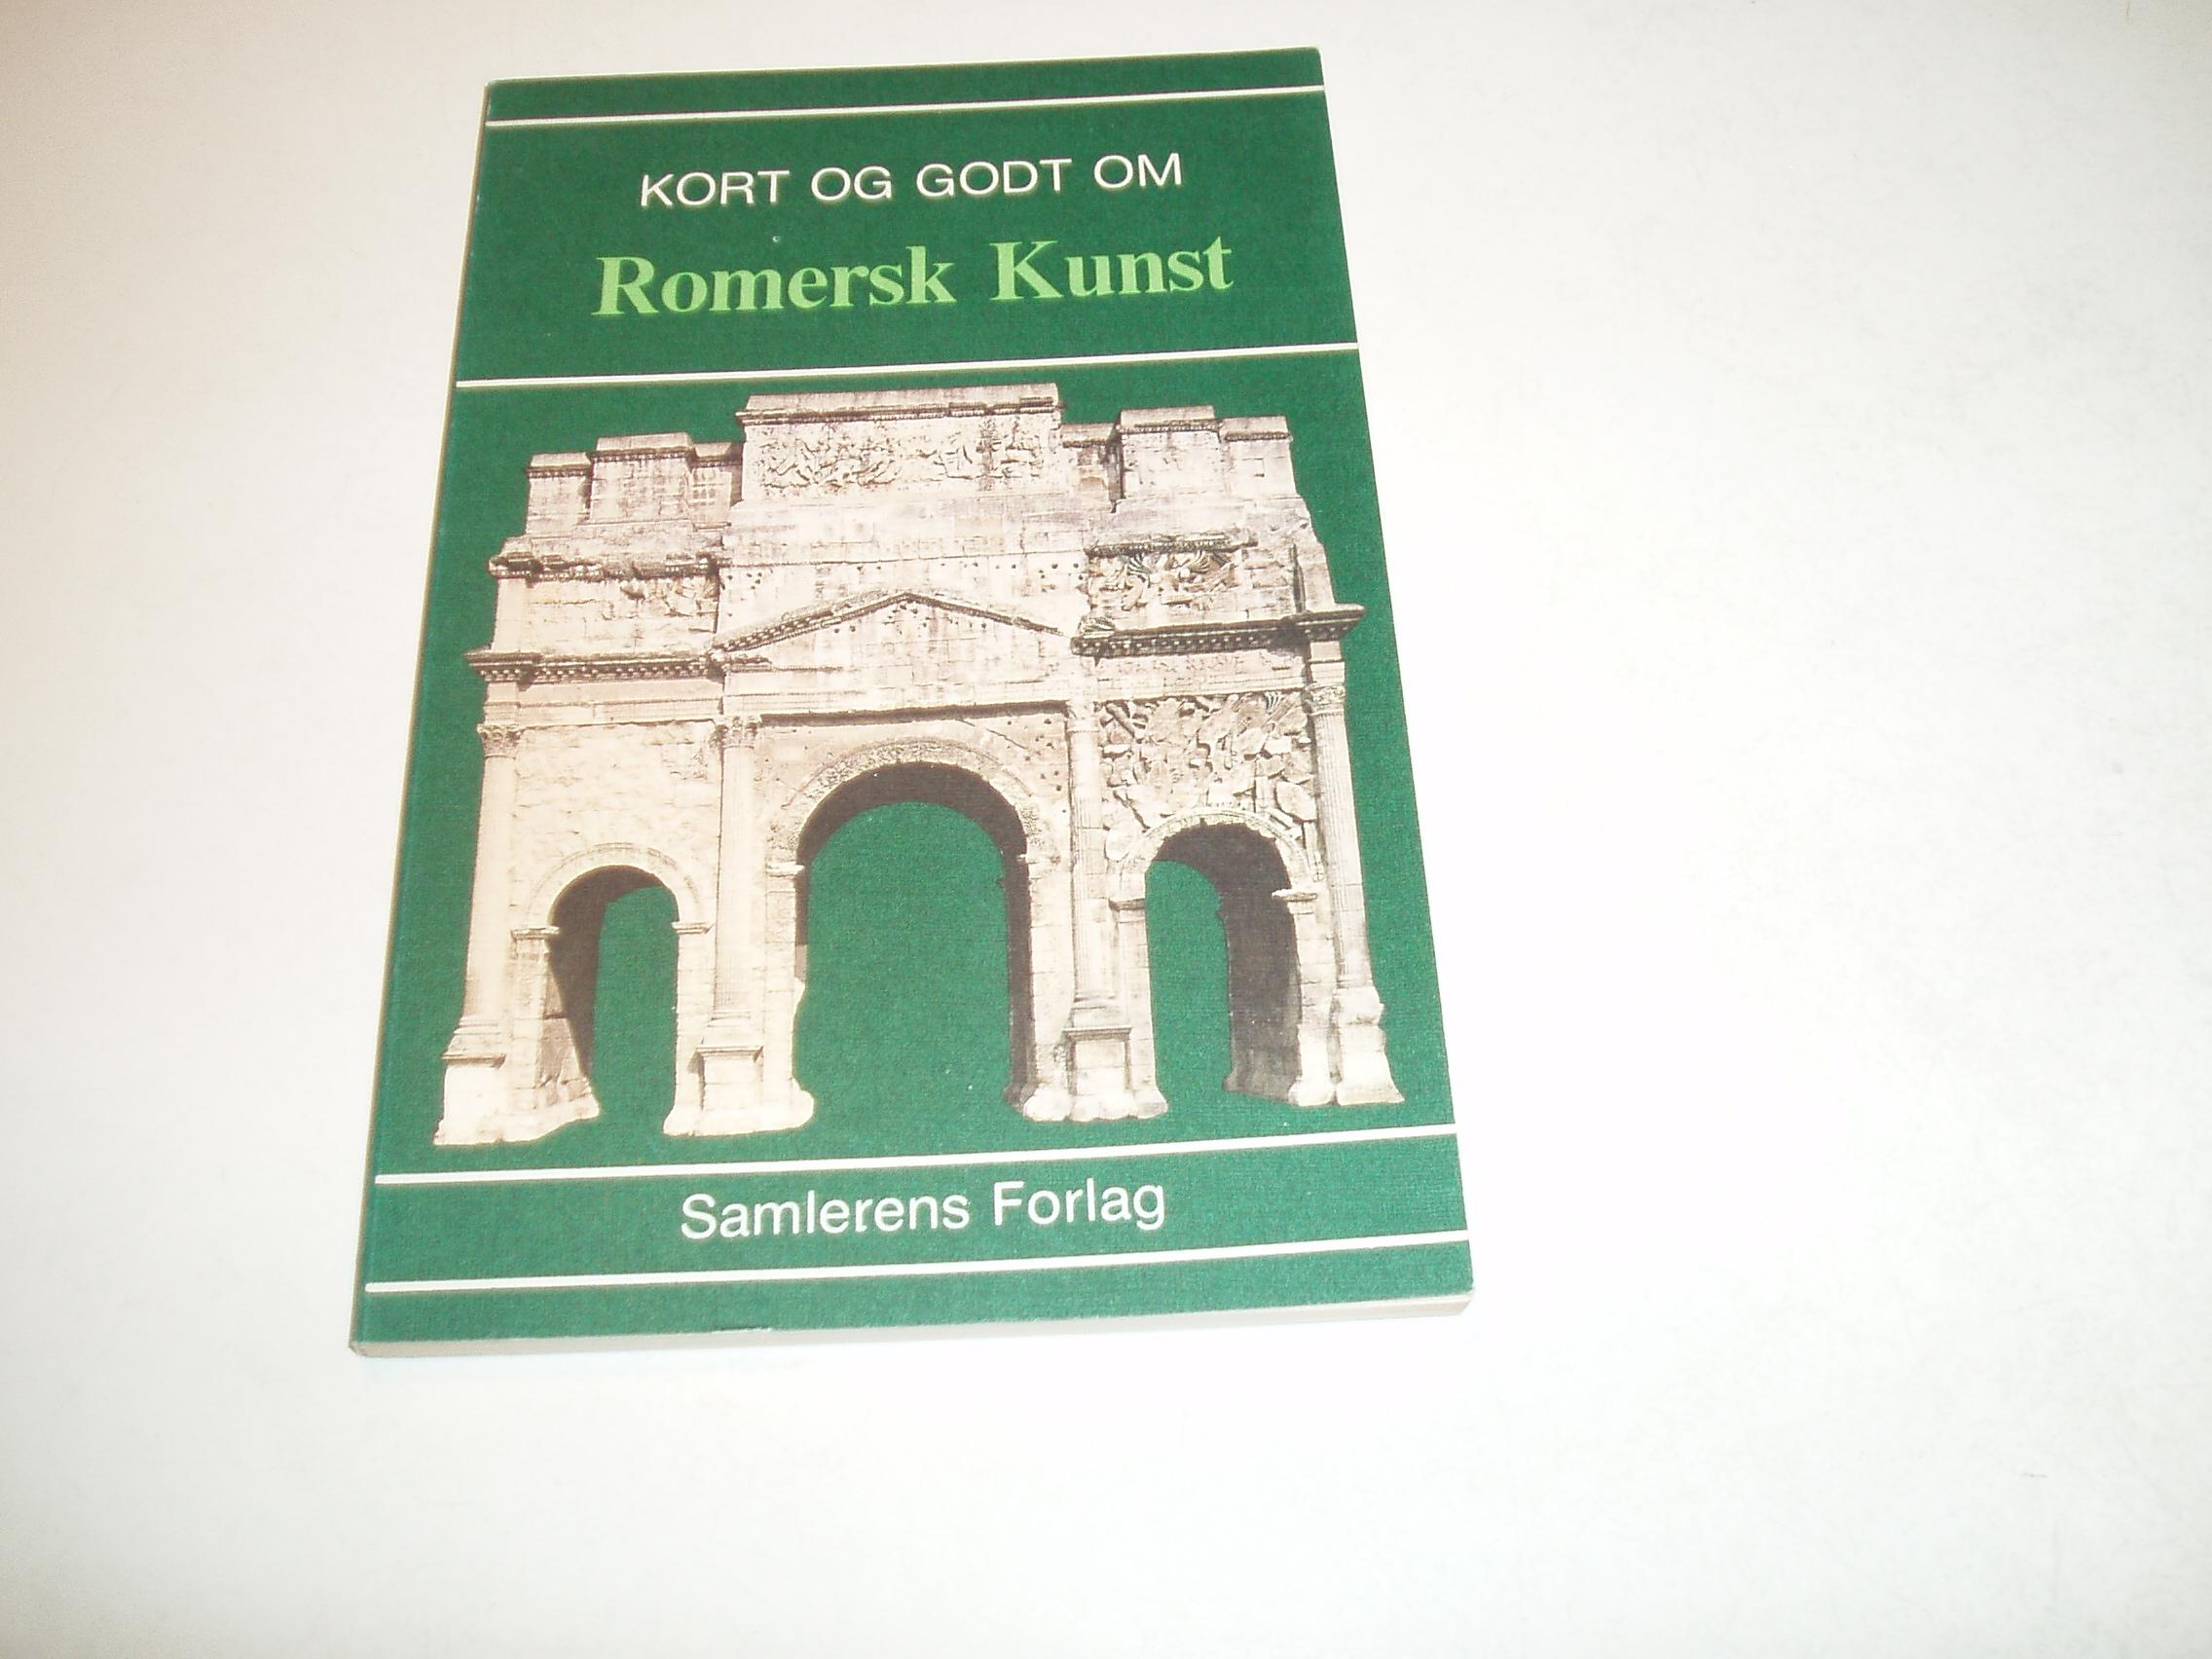 Kort og godt om romersk kunst